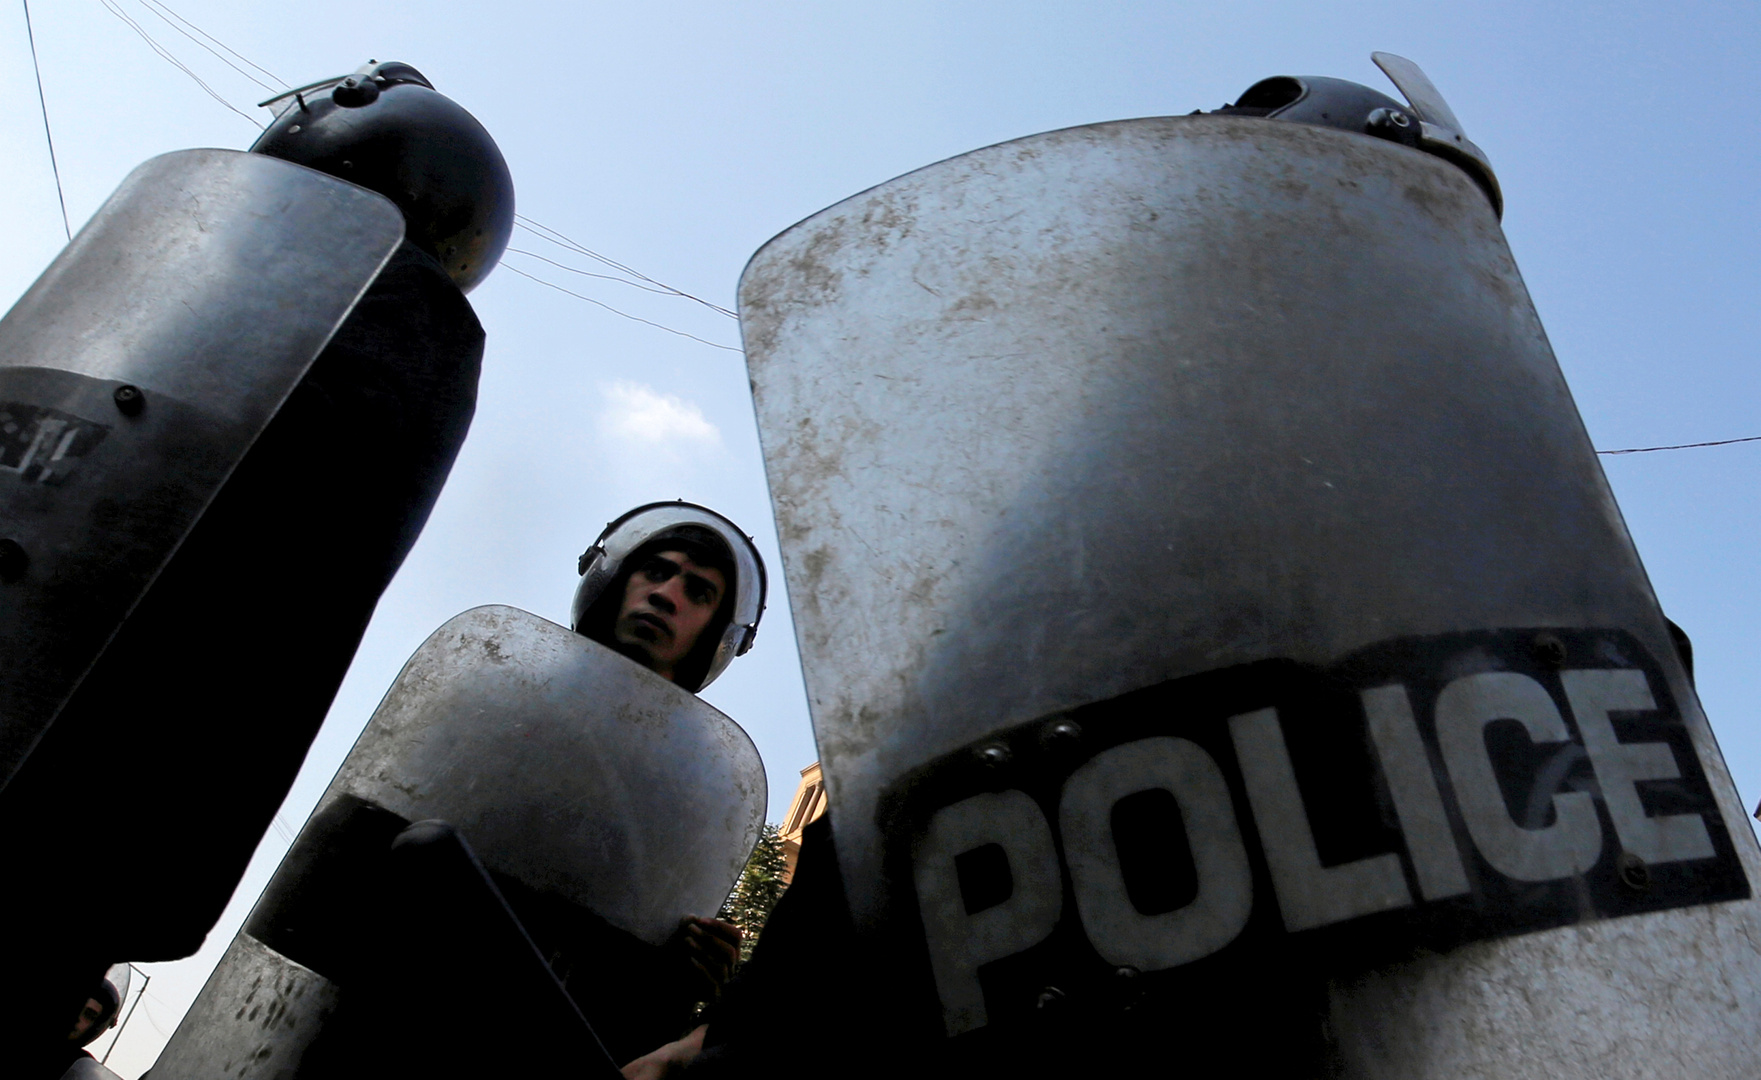 مصر.. المحكمة العسكرية تصدر أحكاما على عناصر من  الإخوان المسلمين